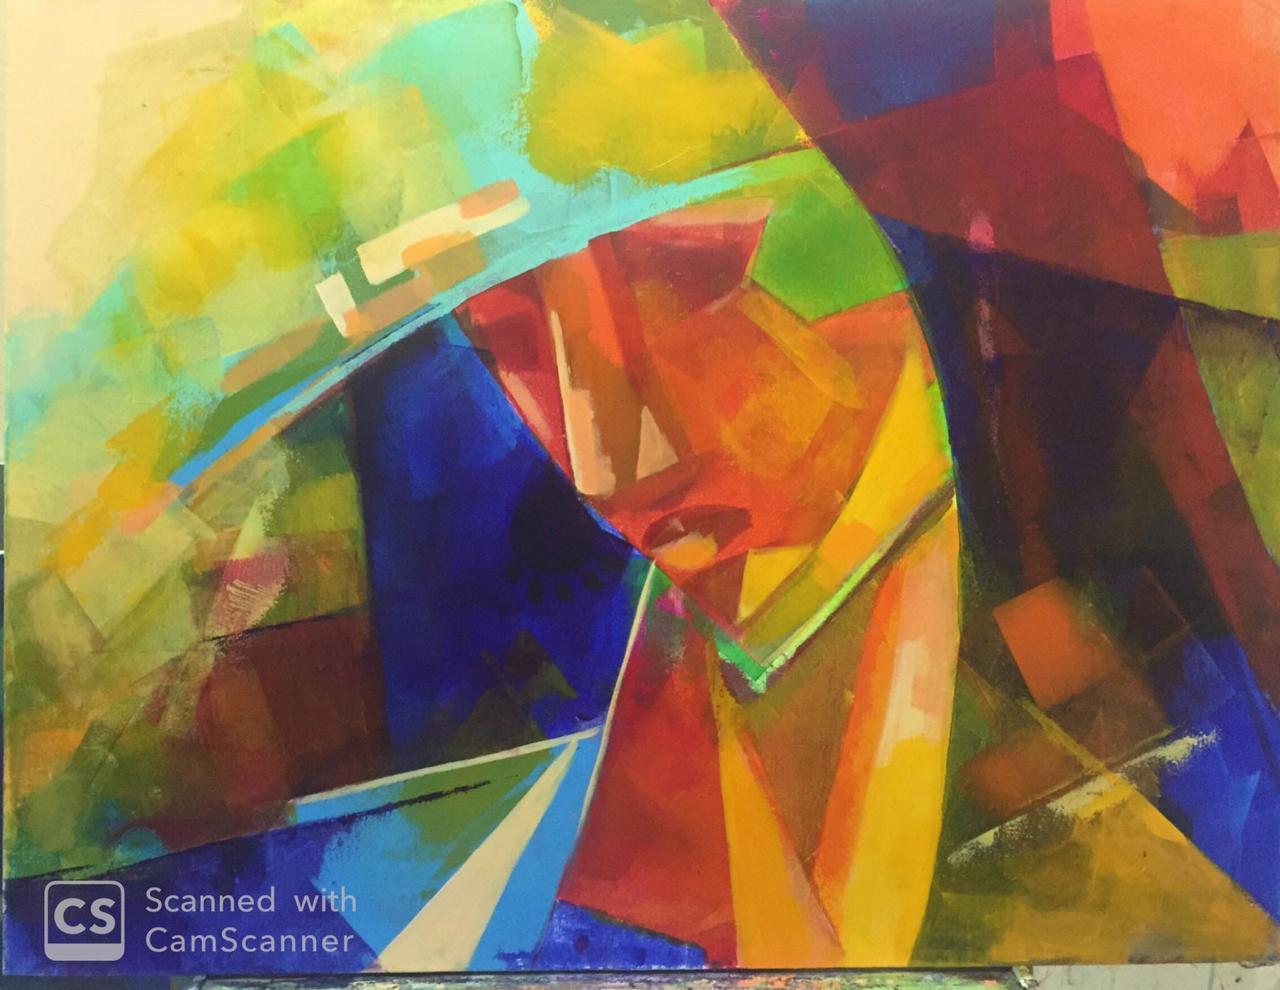 عمل فنى بمعرض هوى للدكتور هانى عبدالبديع (6)